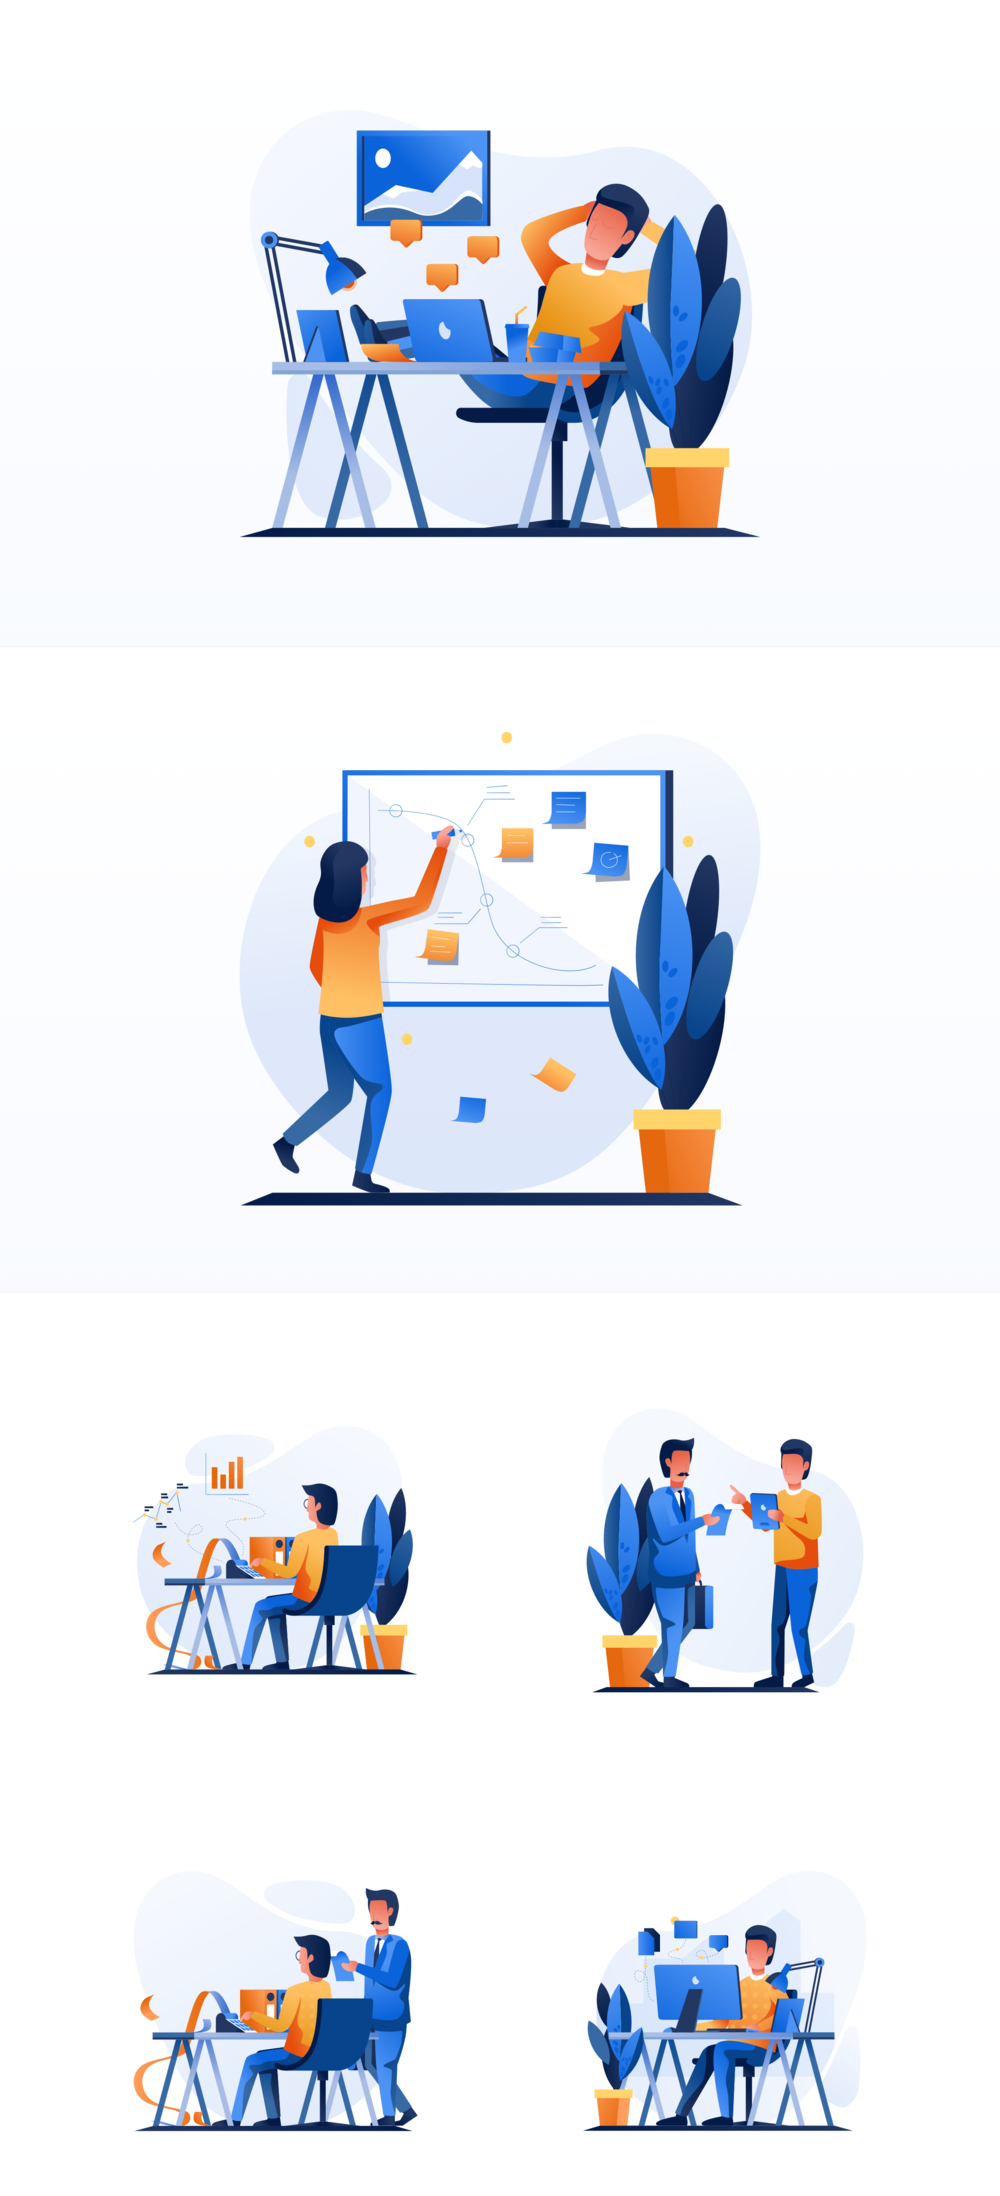 移动版网页版工作和办公室插图包 UI界面-第8张